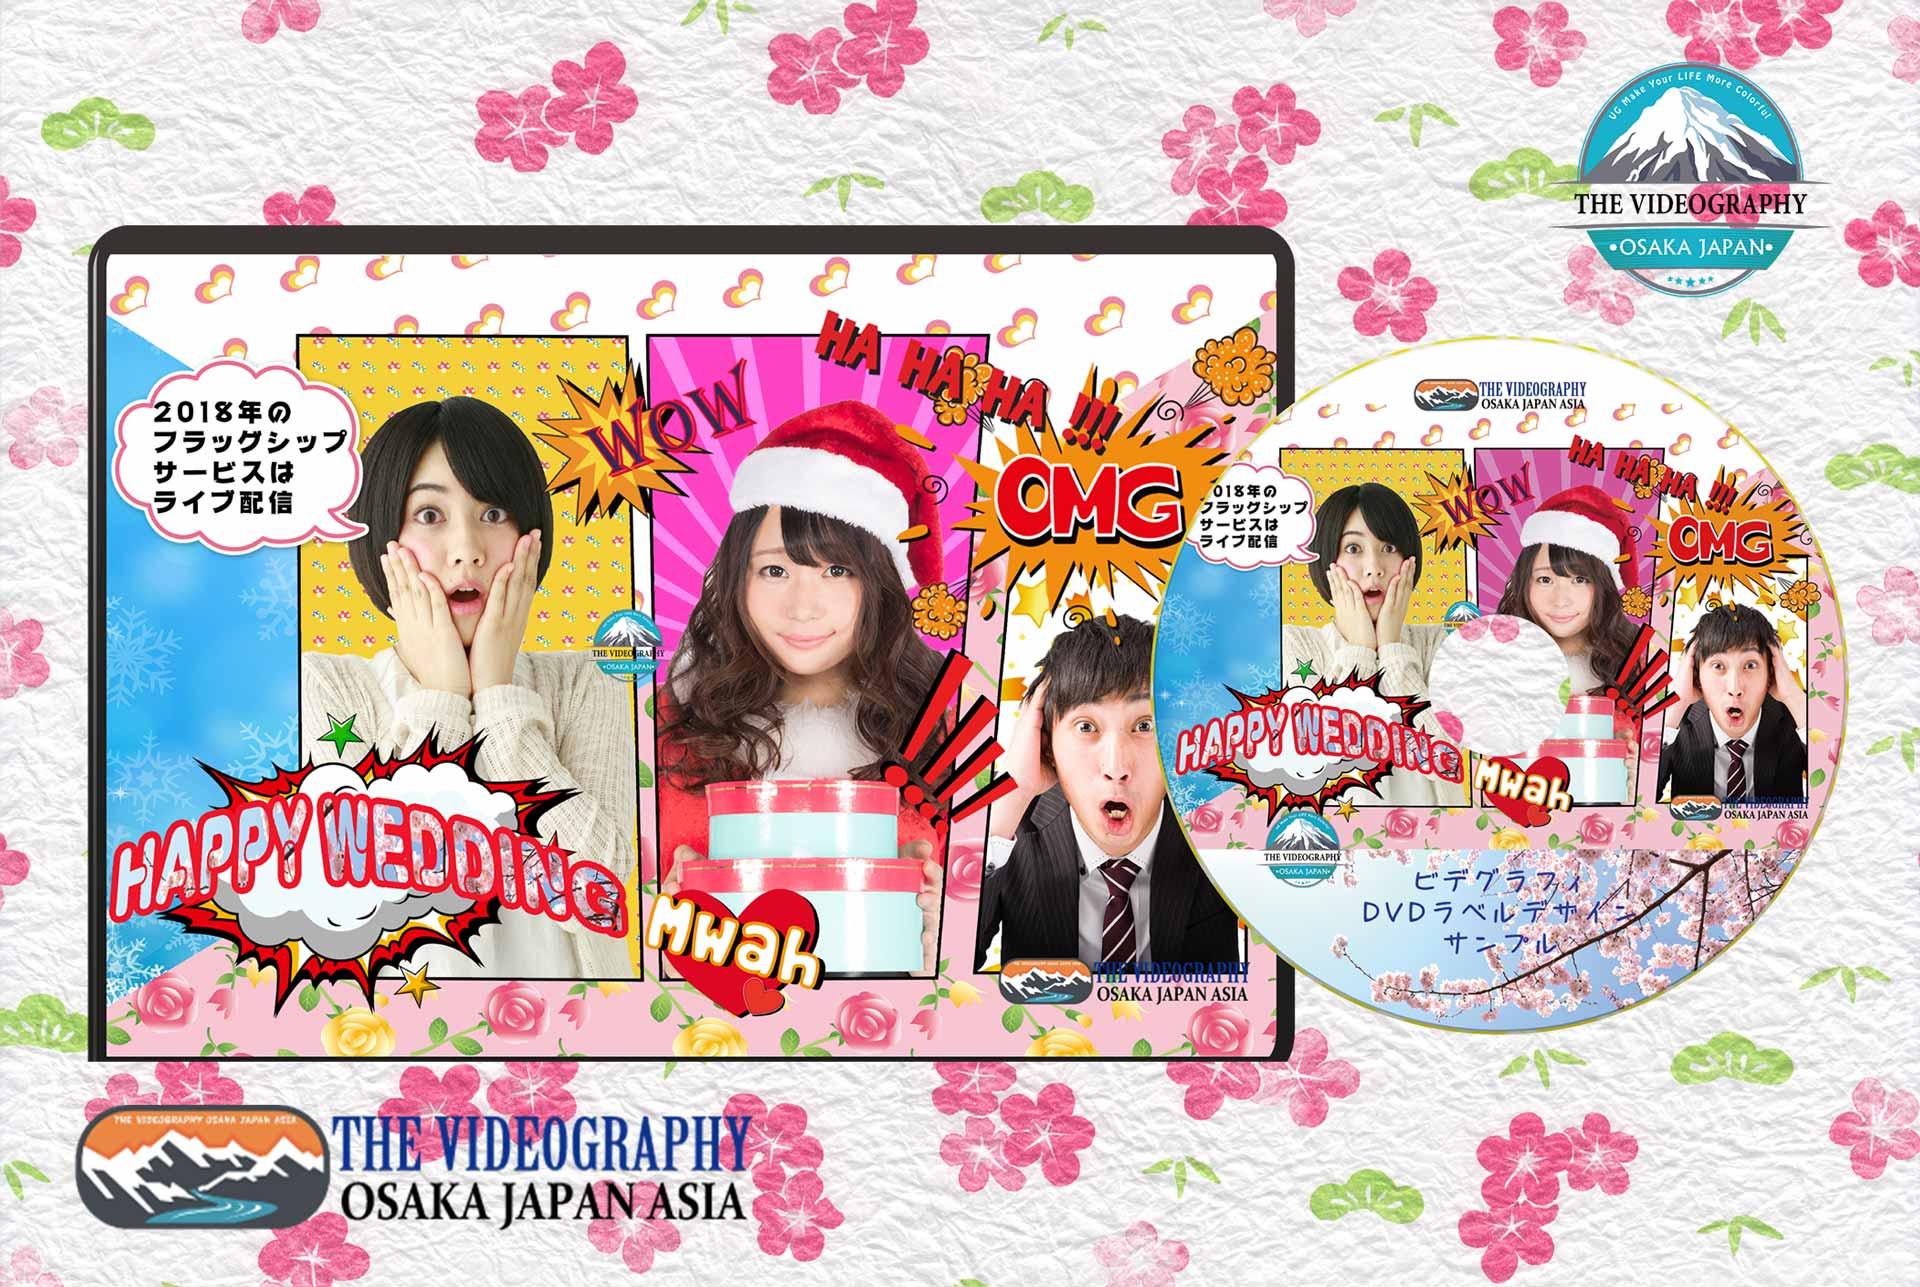 サバイバル ウェディング風 DVD ラベルデザイン@大阪 東京 神戸 京都 奈良